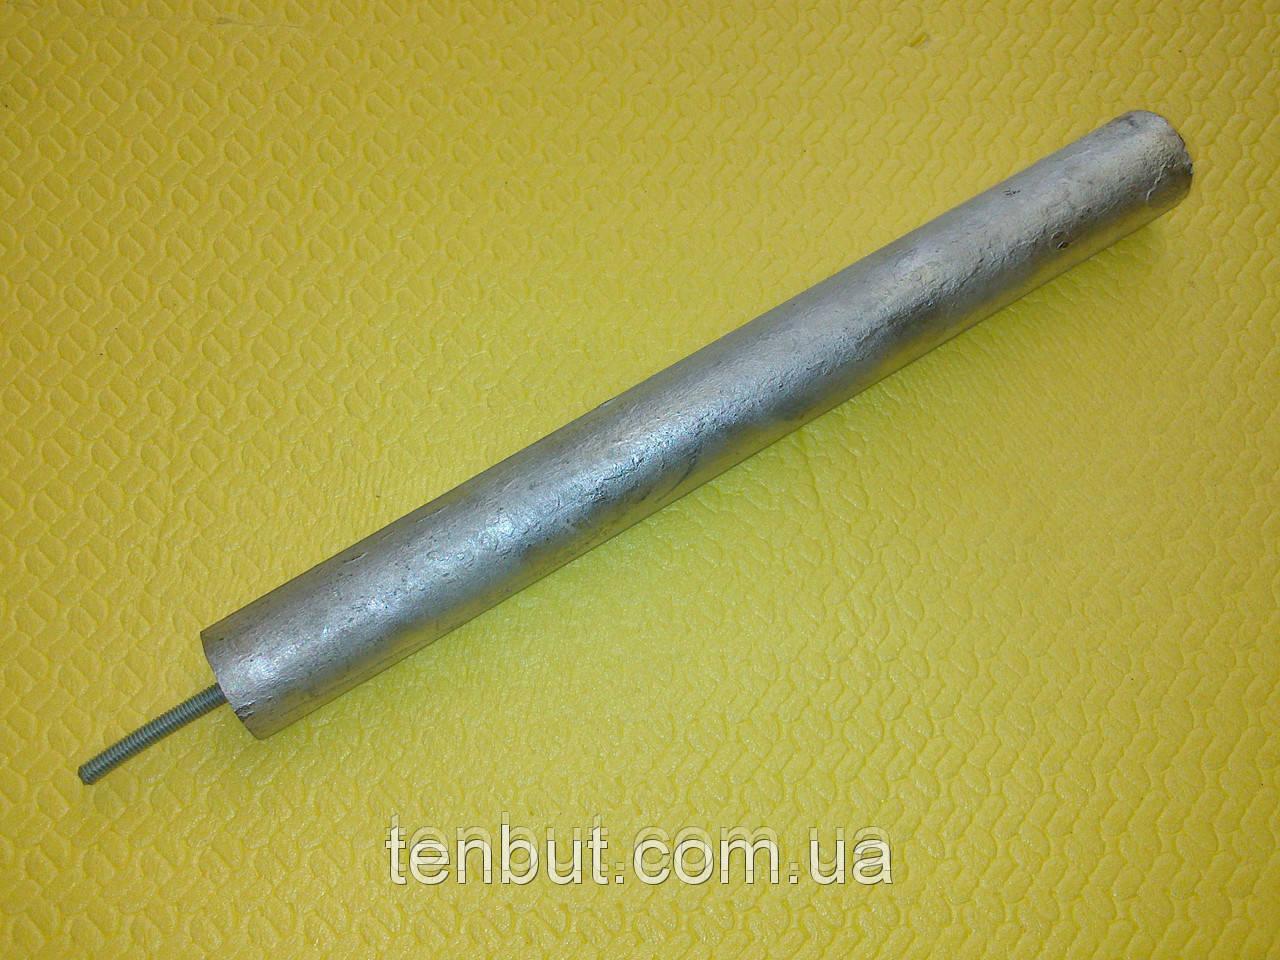 Магниевый анод м-5 / Ø-19 / L-200 мм. /  Шпилька L-10 мм. Производитель KAWAI